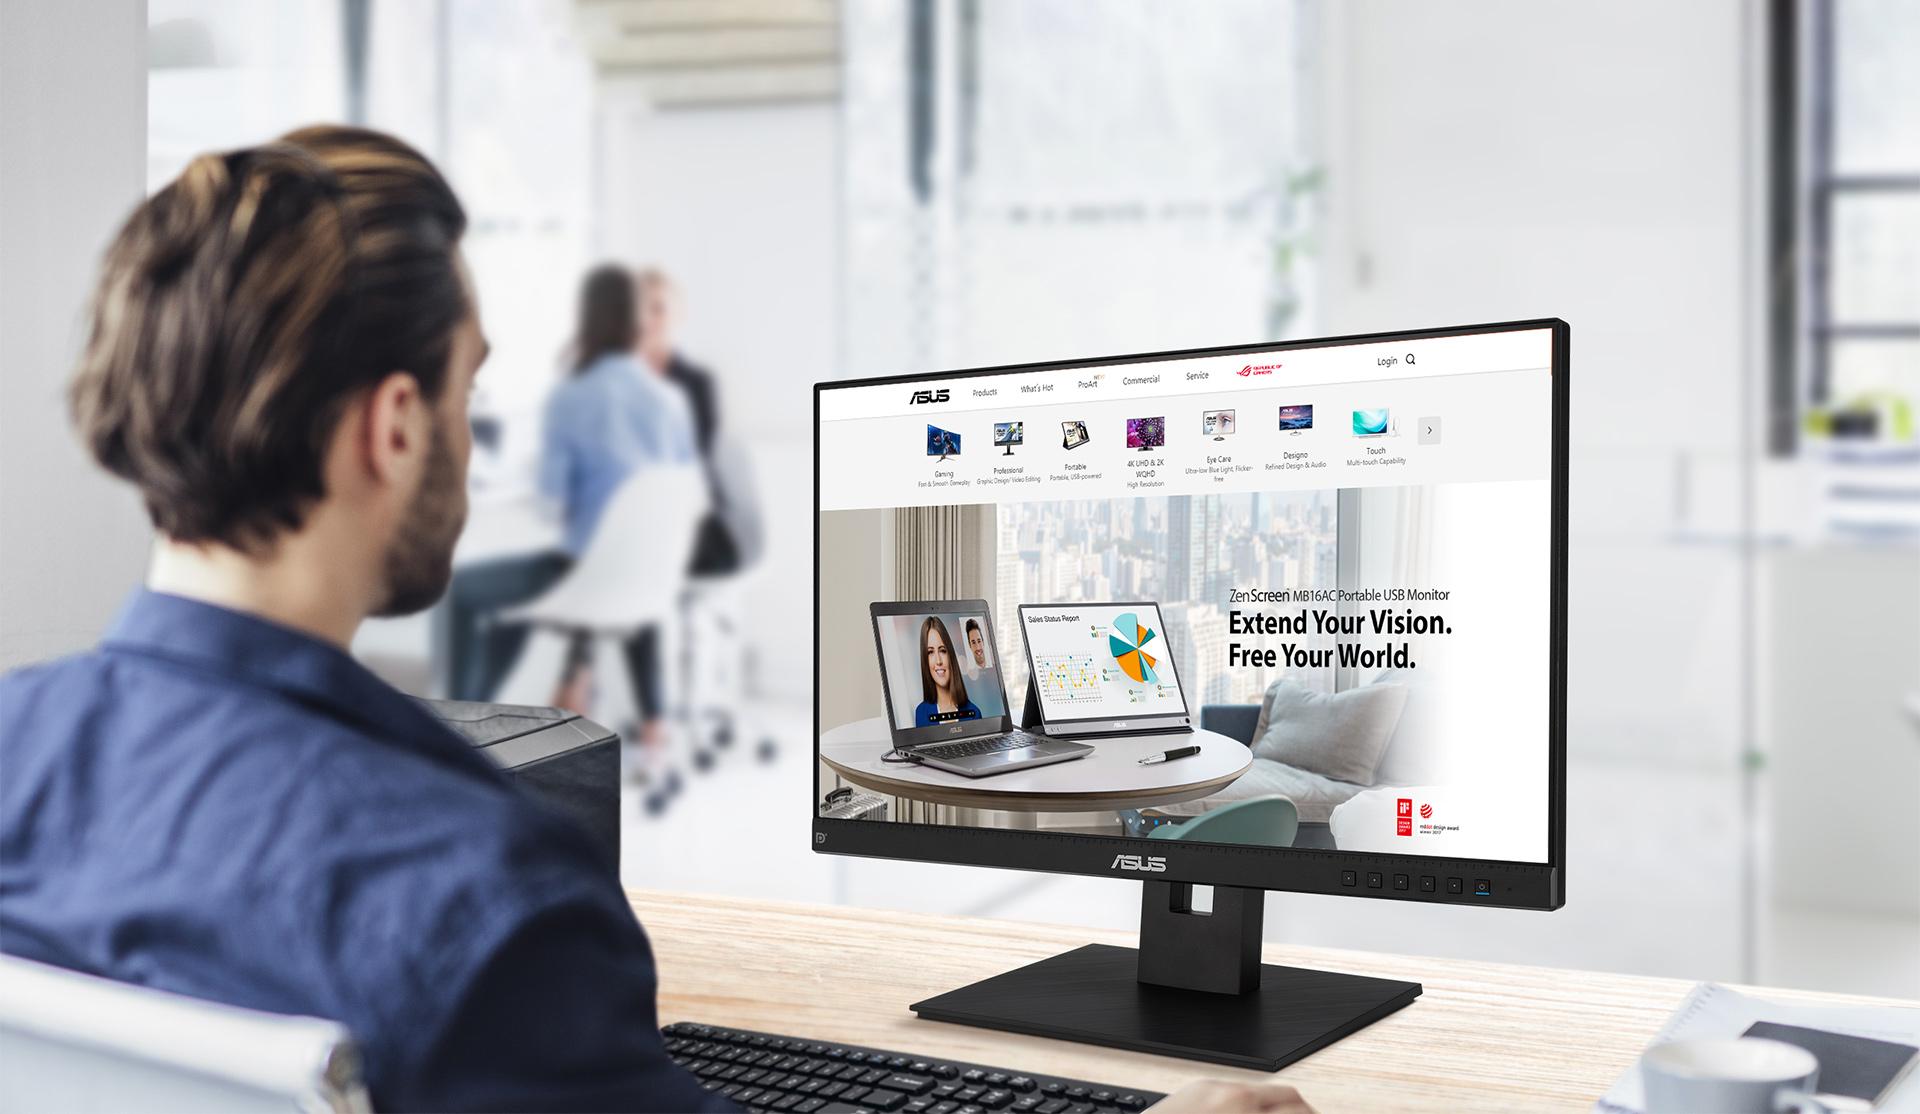 Der BE24EQSB ist ein 60,45cm (23,8 Zoll) Full-HD-Monitor mit integrierter Full-HD-Webcam (2MP), Mikrofon-Array und Stereo-Lautsprechern für Videokonferenzen und Live-Streaming.